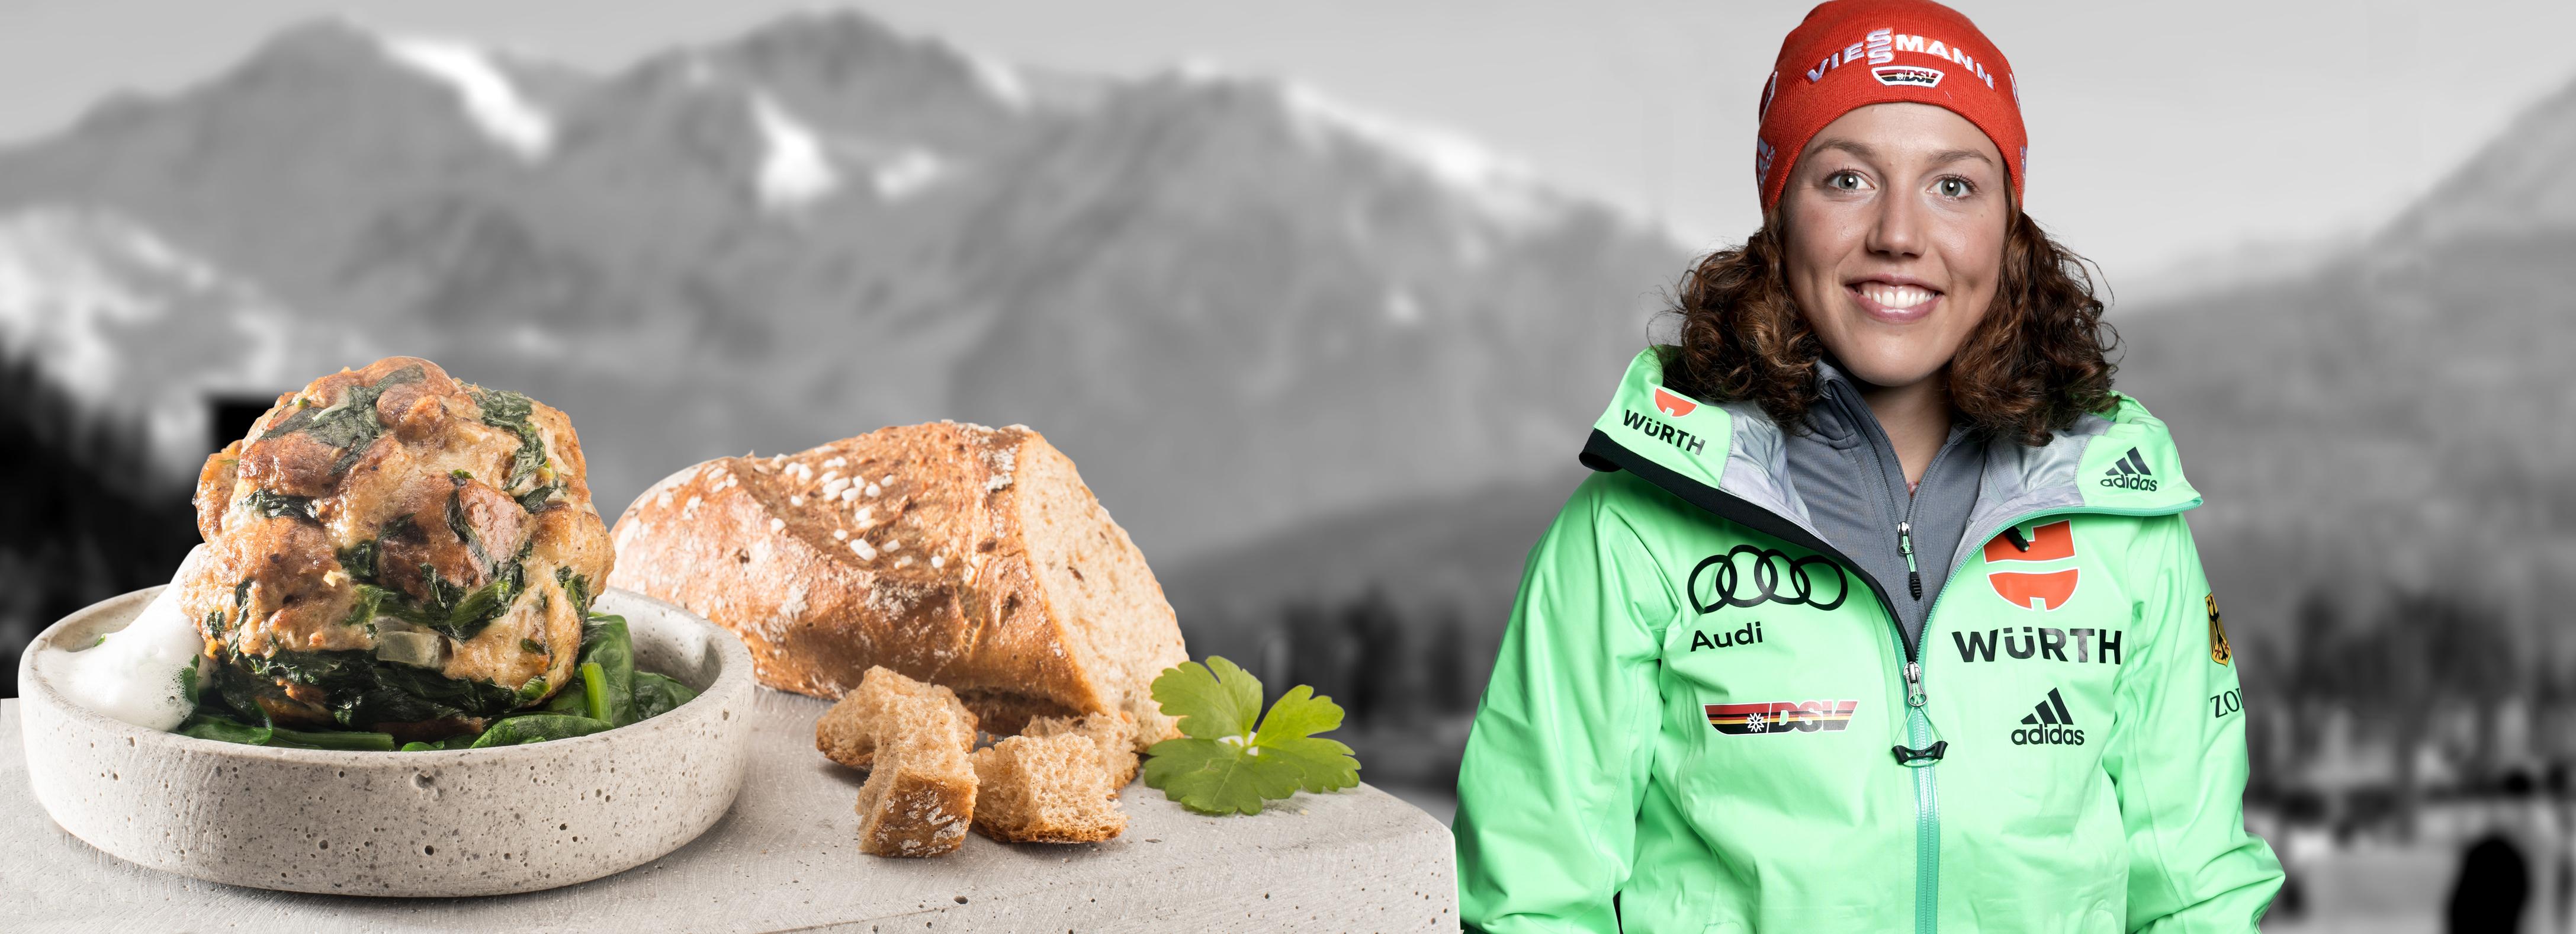 backaldrin, Kornspitz - Sportteam, Laura Dahlmeier